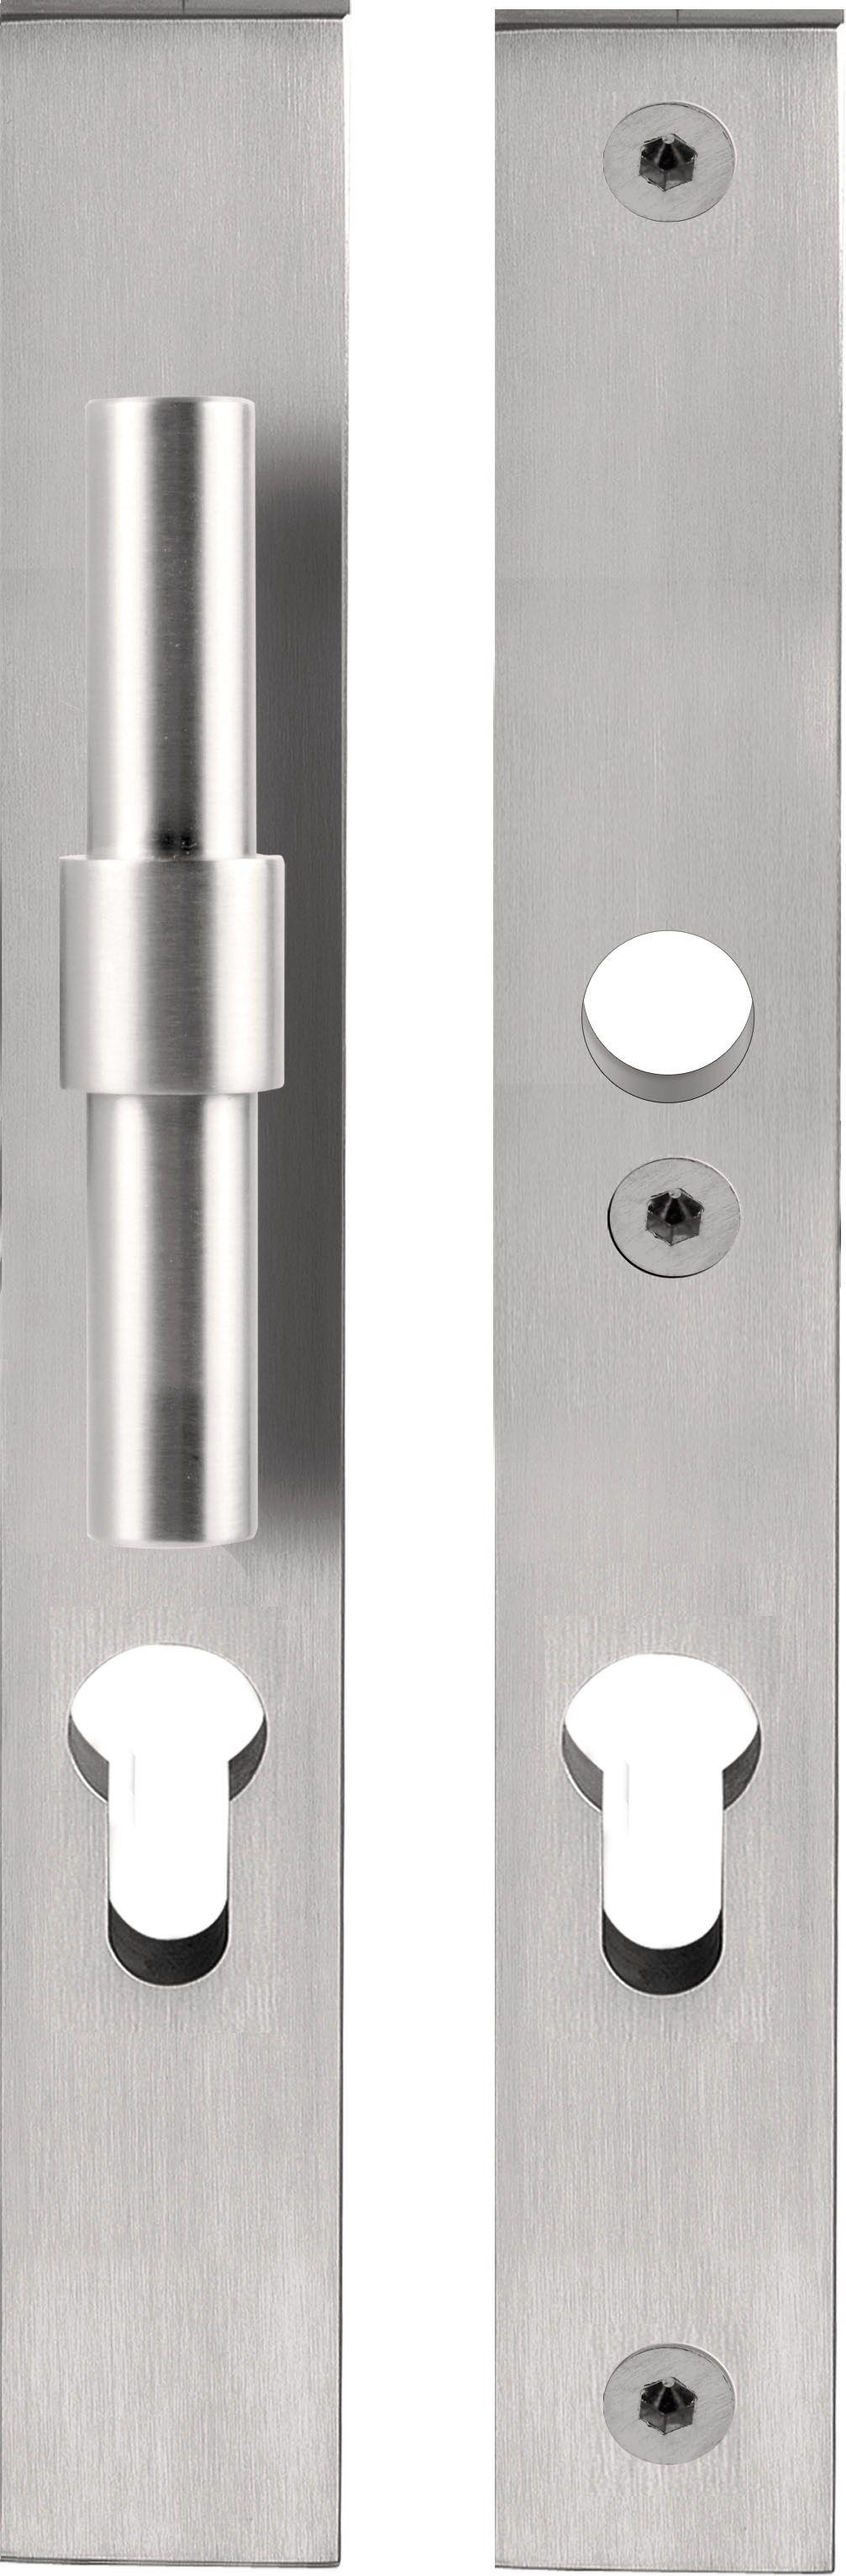 poign e de porte en acier inoxydable pour portes d 39 entr e. Black Bedroom Furniture Sets. Home Design Ideas